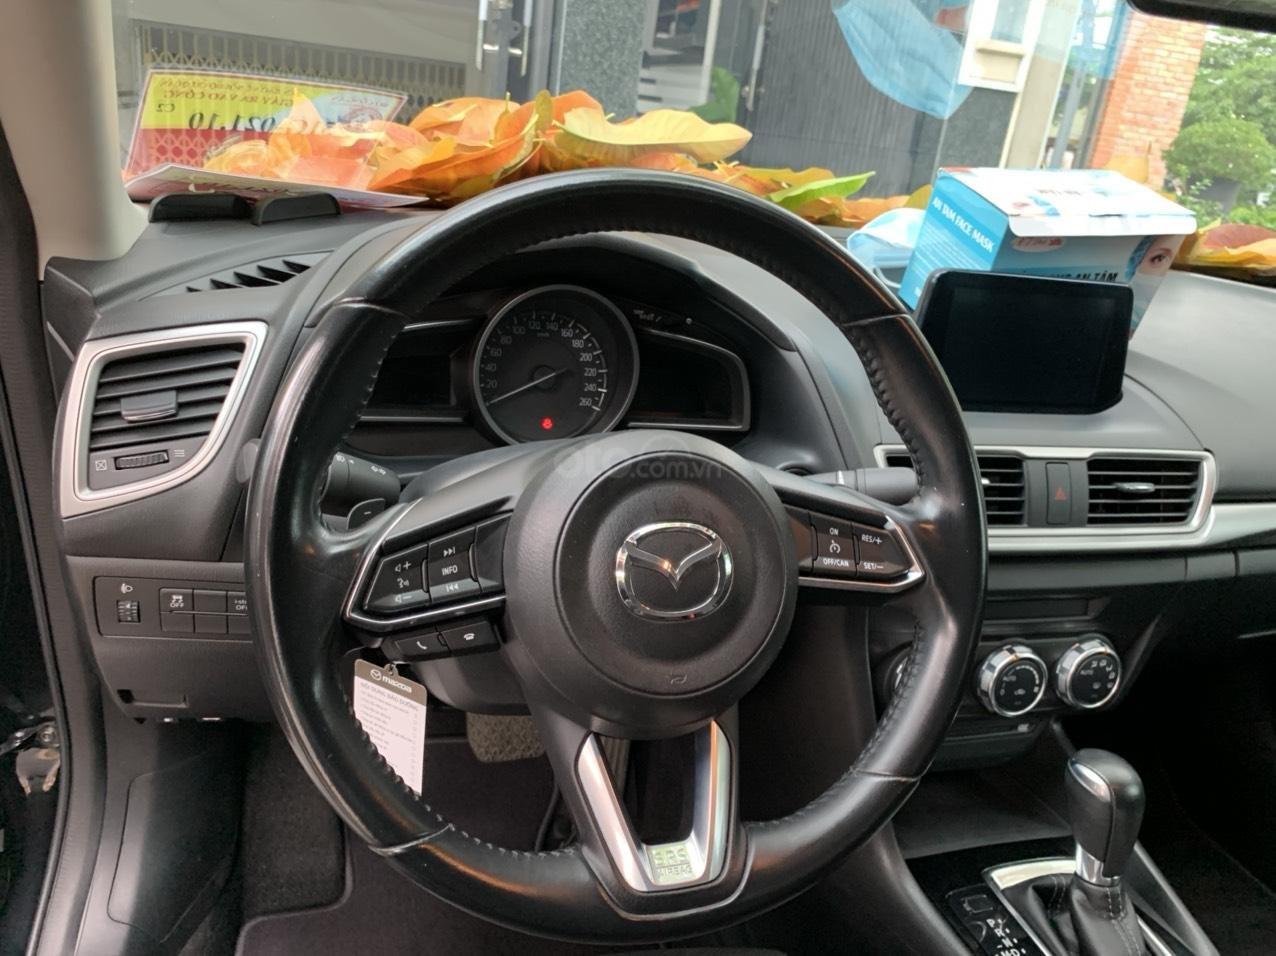 Chính chủ đổi xe cần bán Mazda 3 đời 2018, 1 đời chủ mua mới, bảo dưỡng định kỳ tại hãng, giá tốt (4)